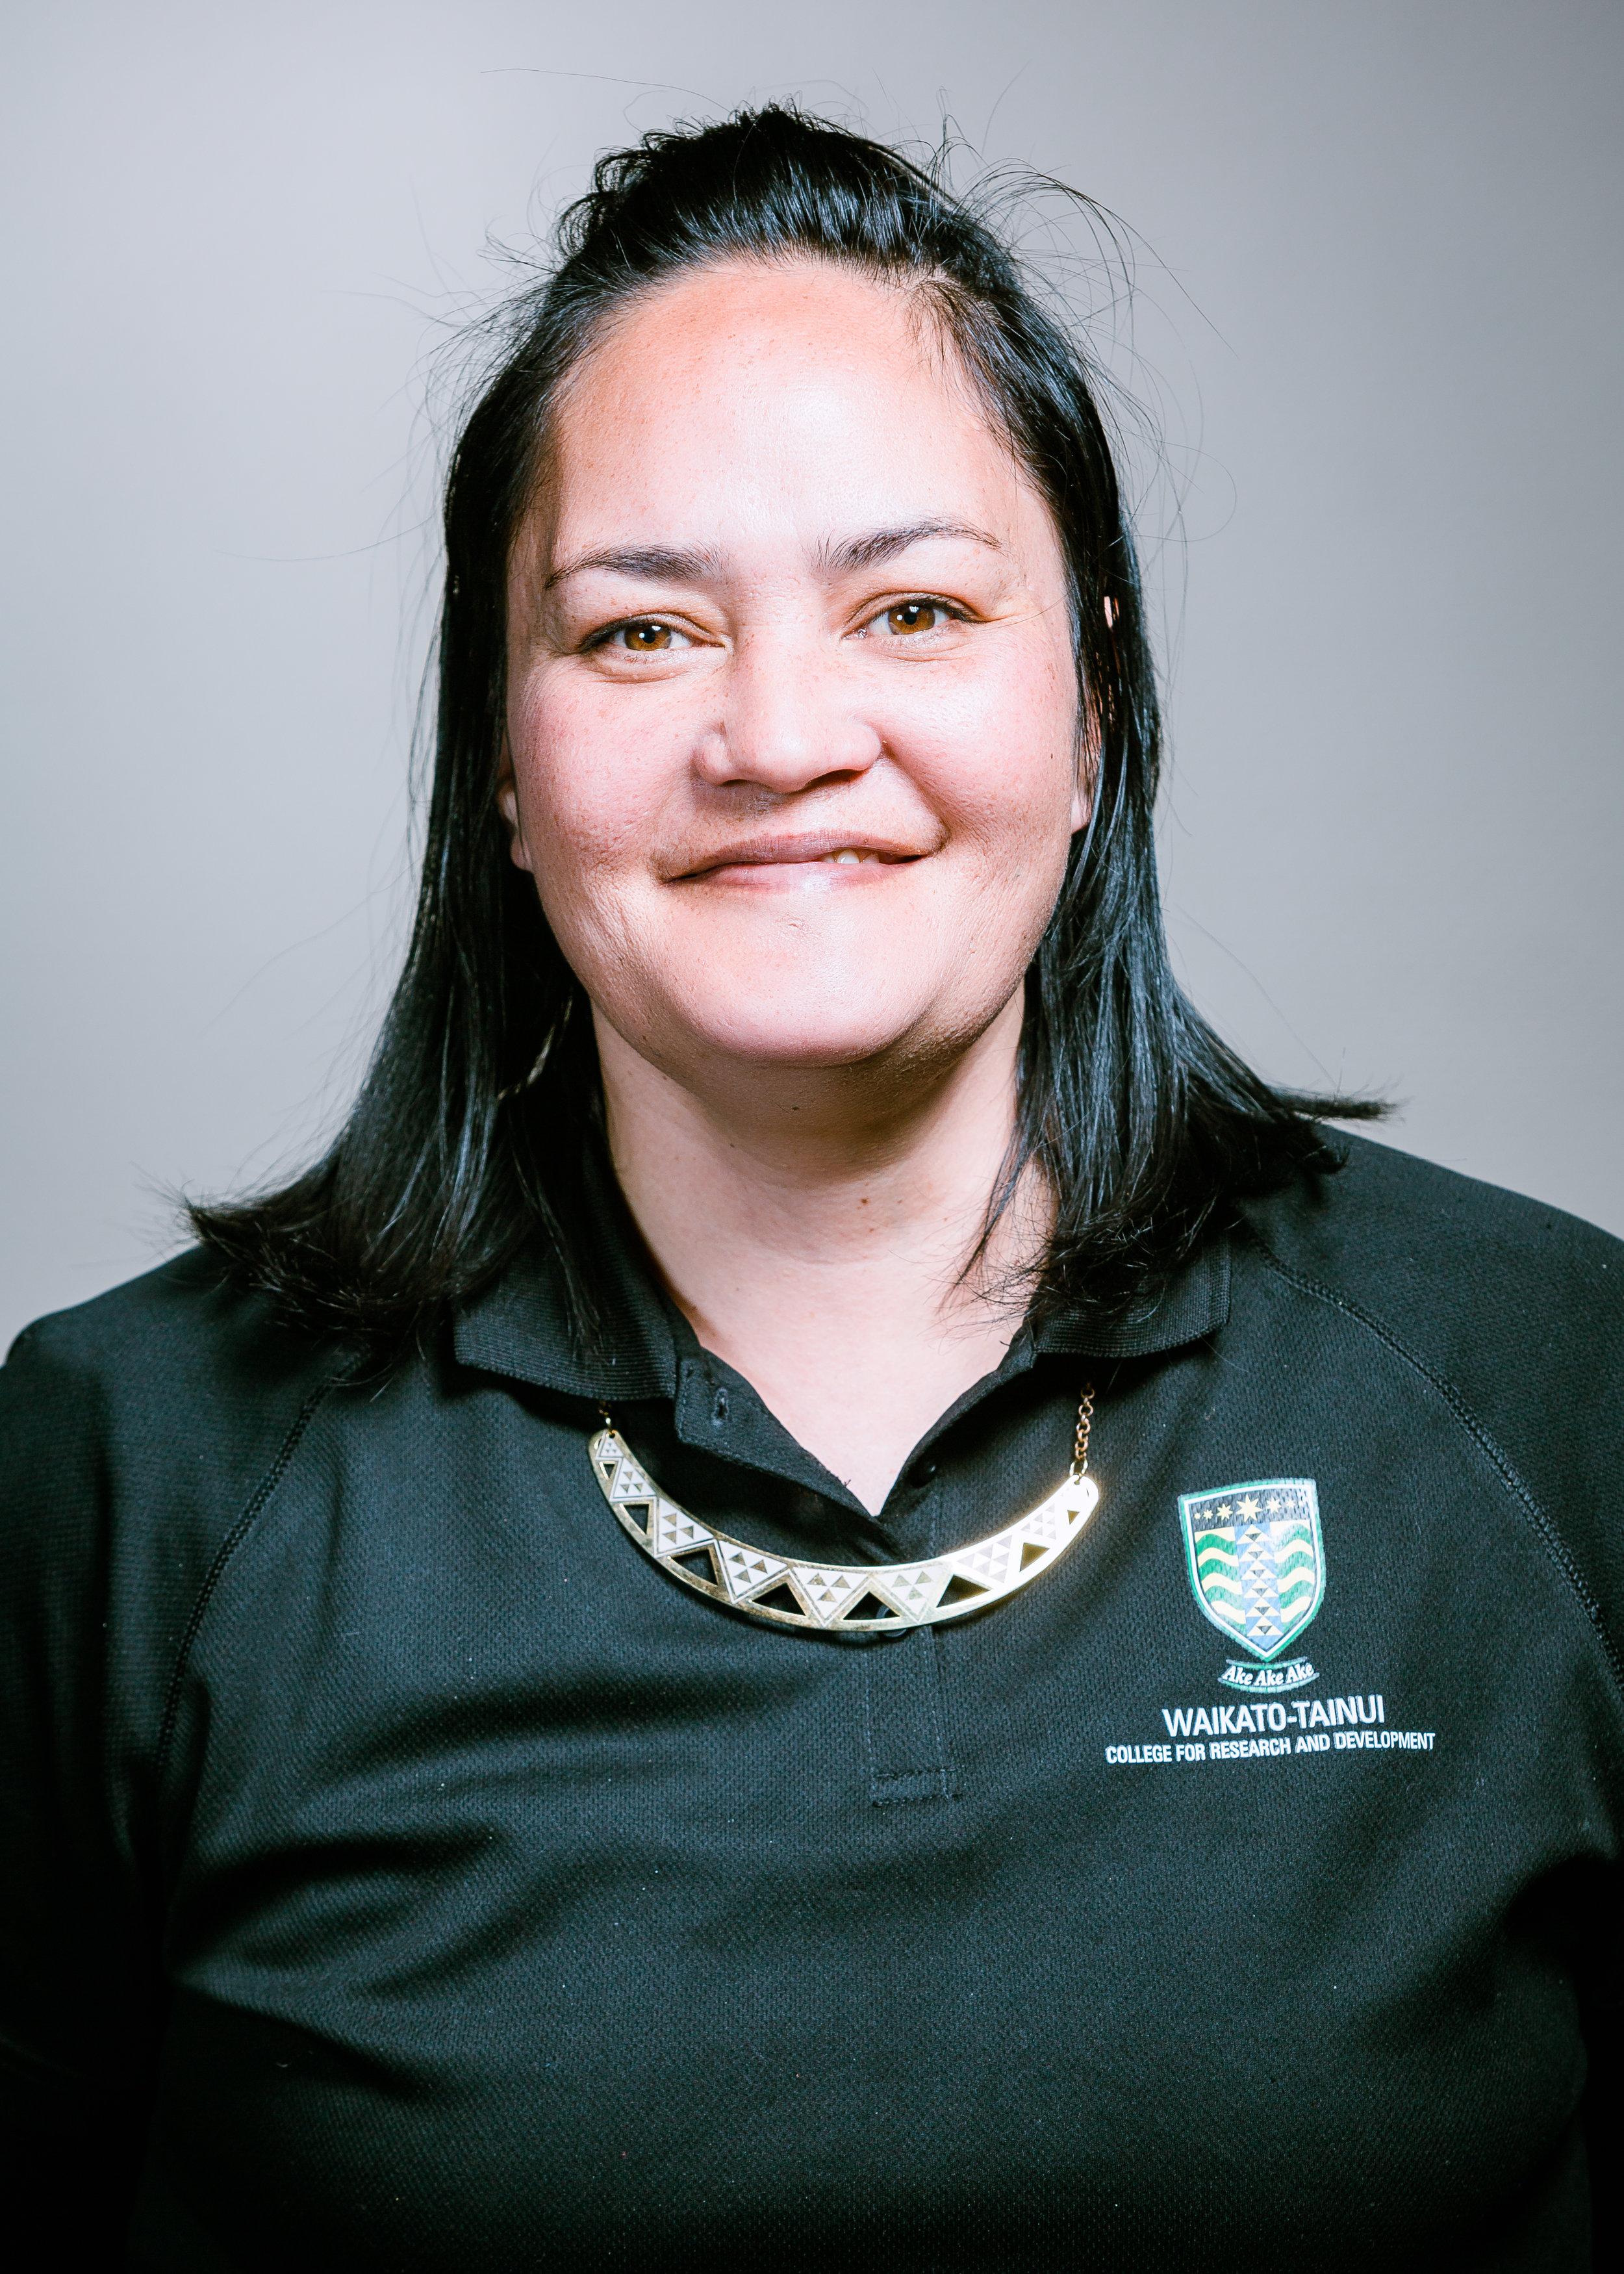 LAURA COOPER - FRONT OF HOUSE SUPERVISOREmail: laura.cooper@waikatotainui.ac.nzIwi/Hapuu: Waikato, Ngaati Whaawhaakia, Ngaati Amaru